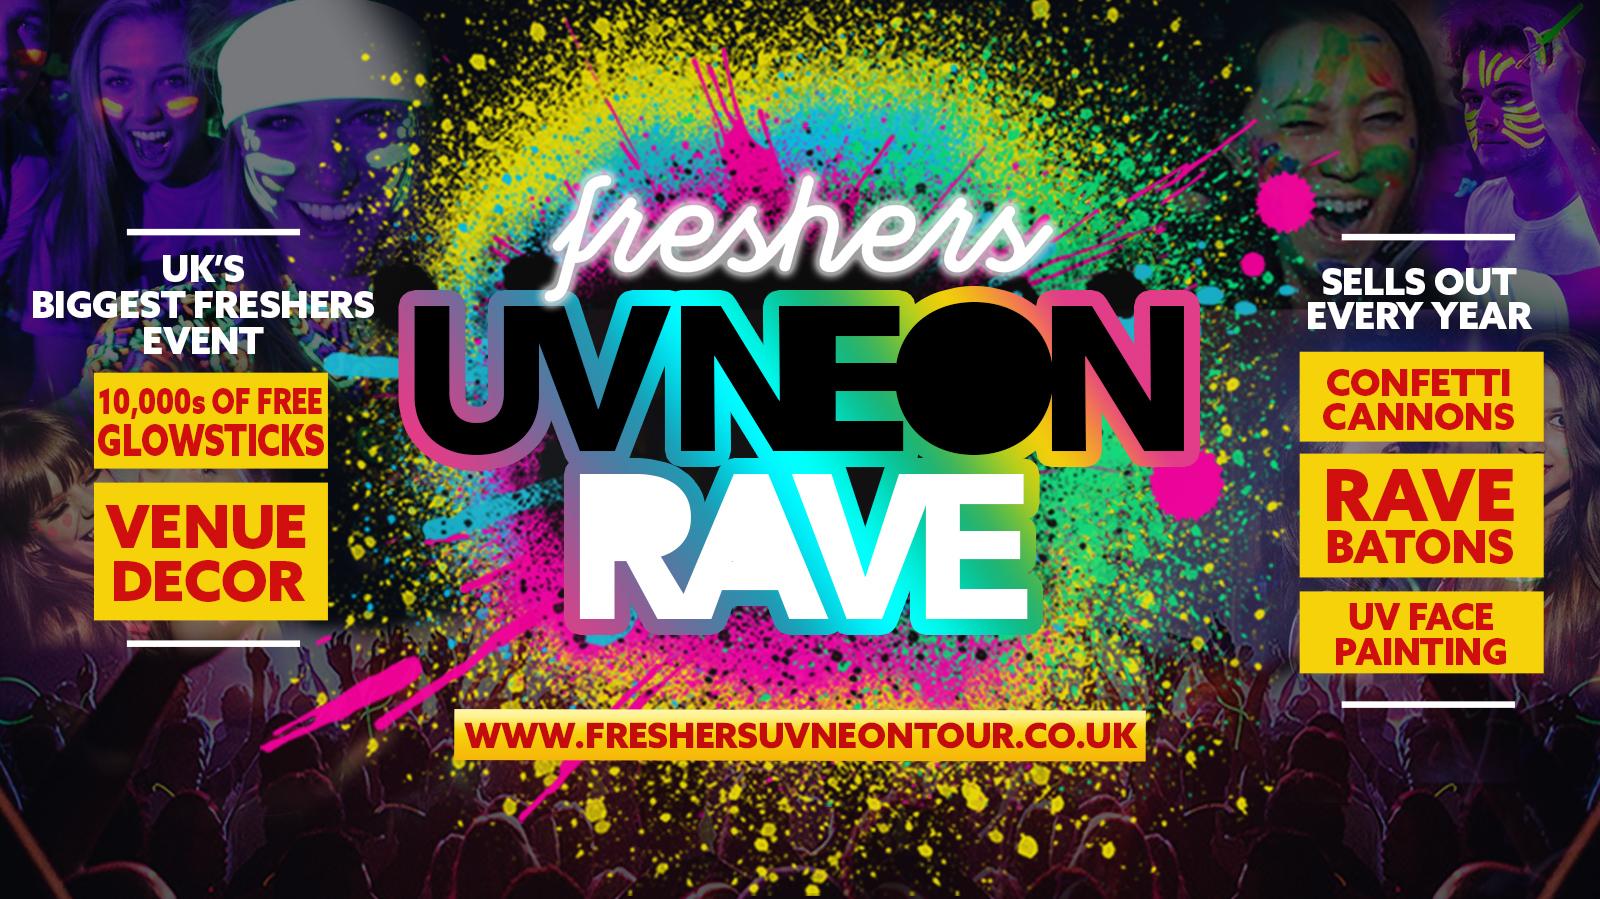 Sheffield Freshers UV Neon Rave | Sheffield Freshers 2021